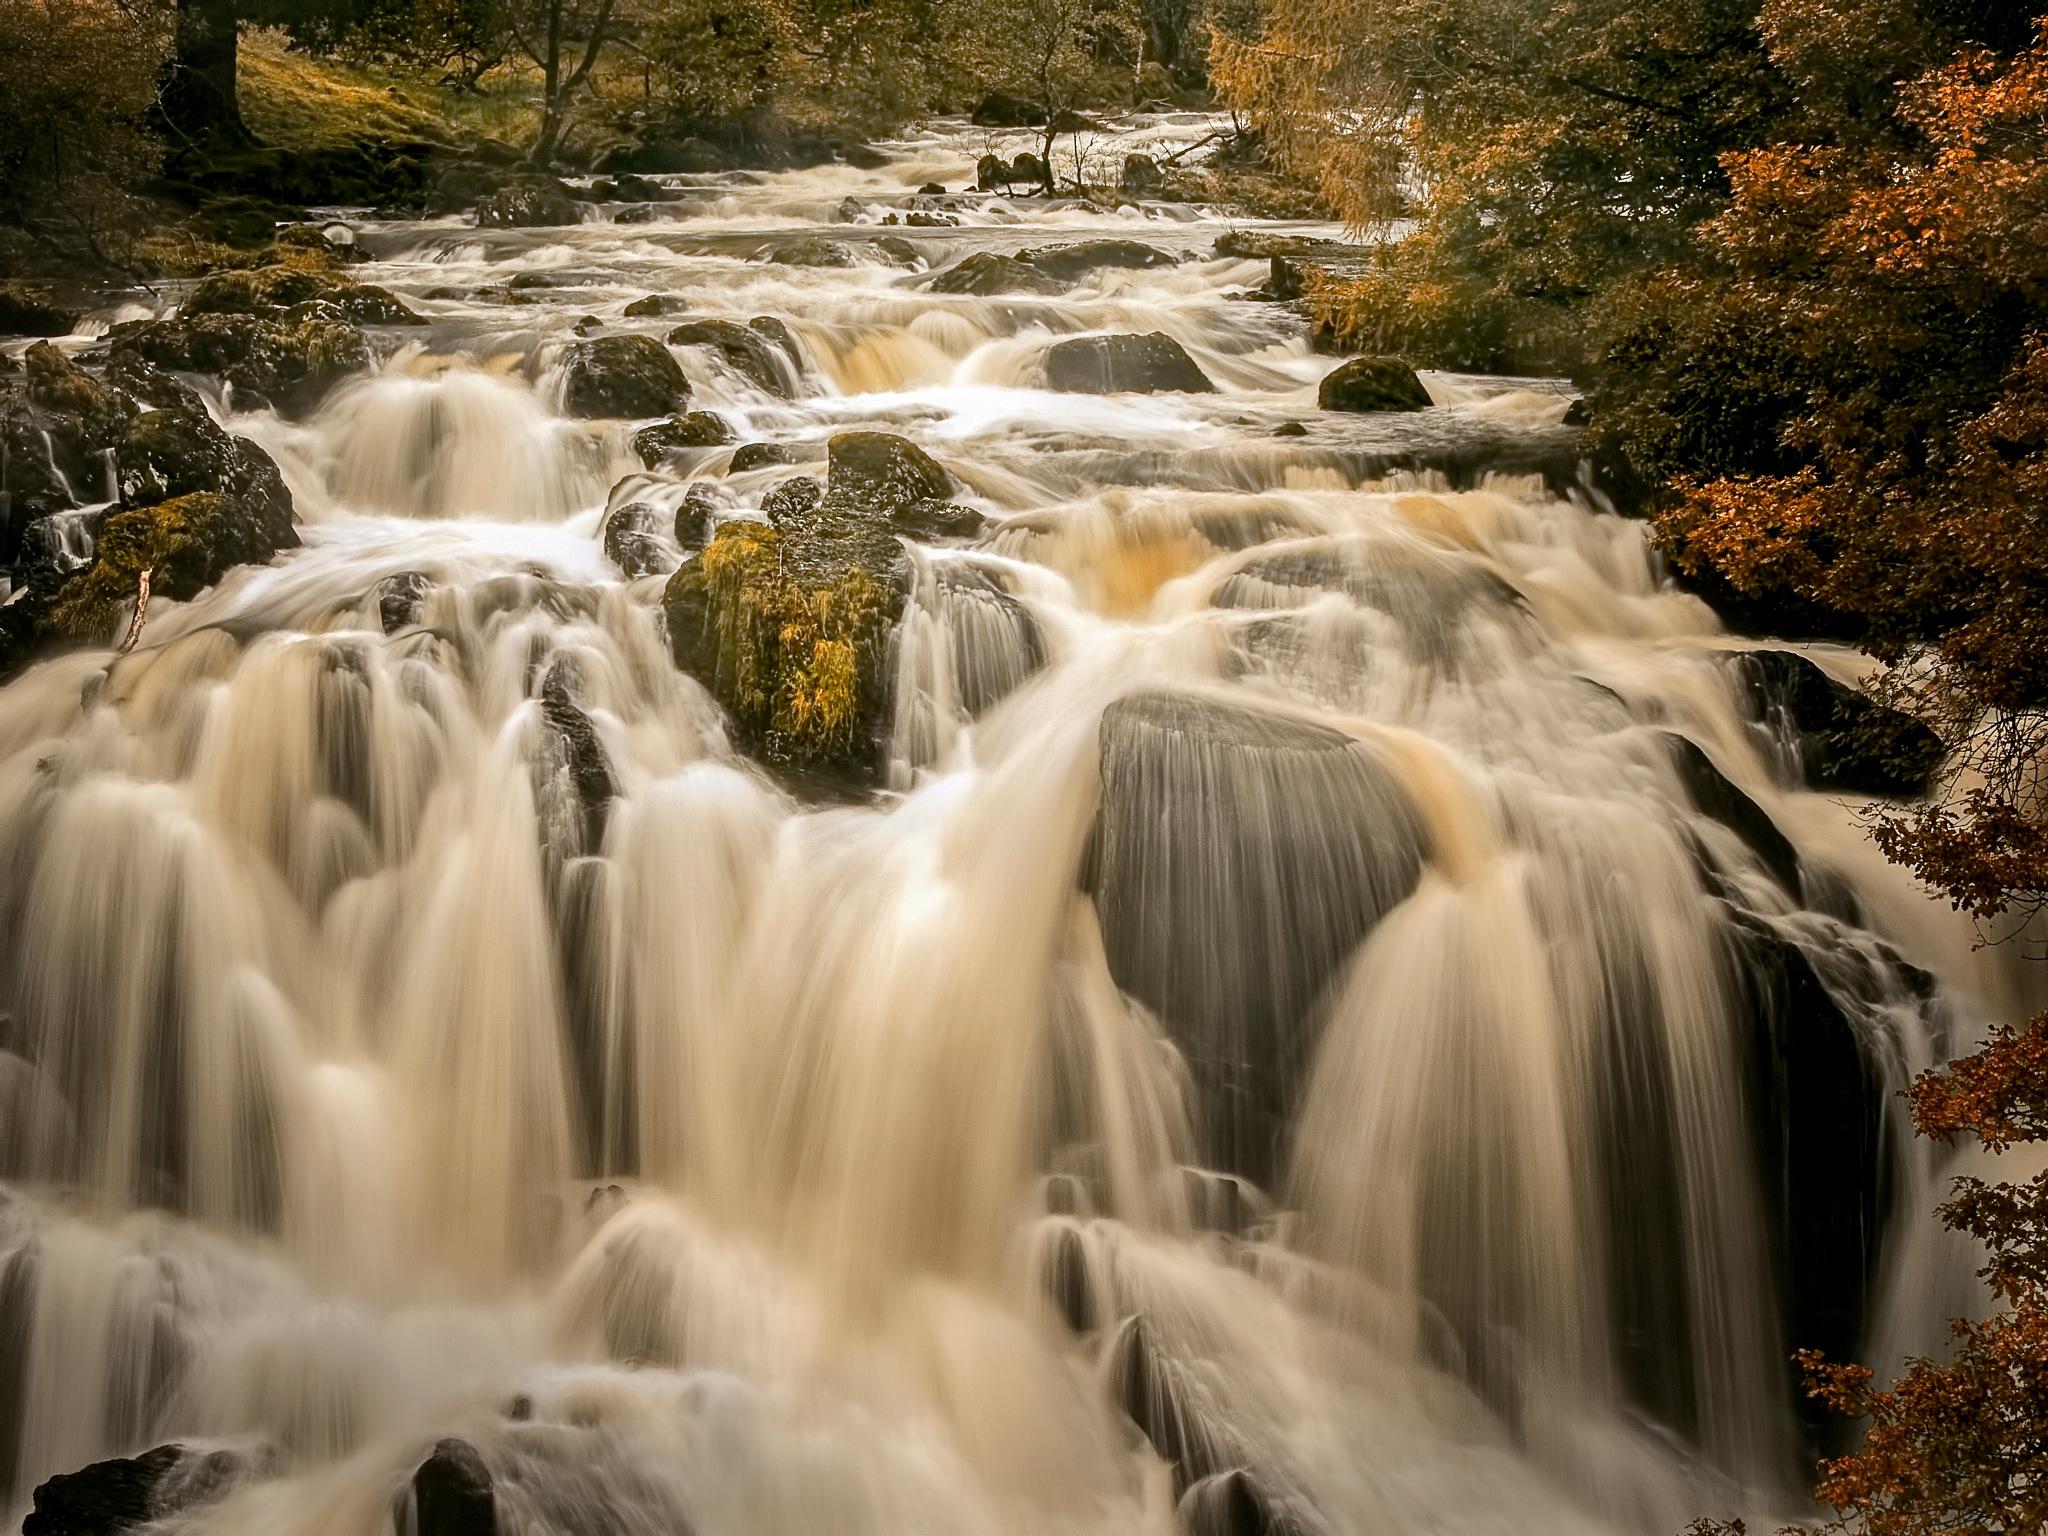 Swallow Falls by Jim Palfrey